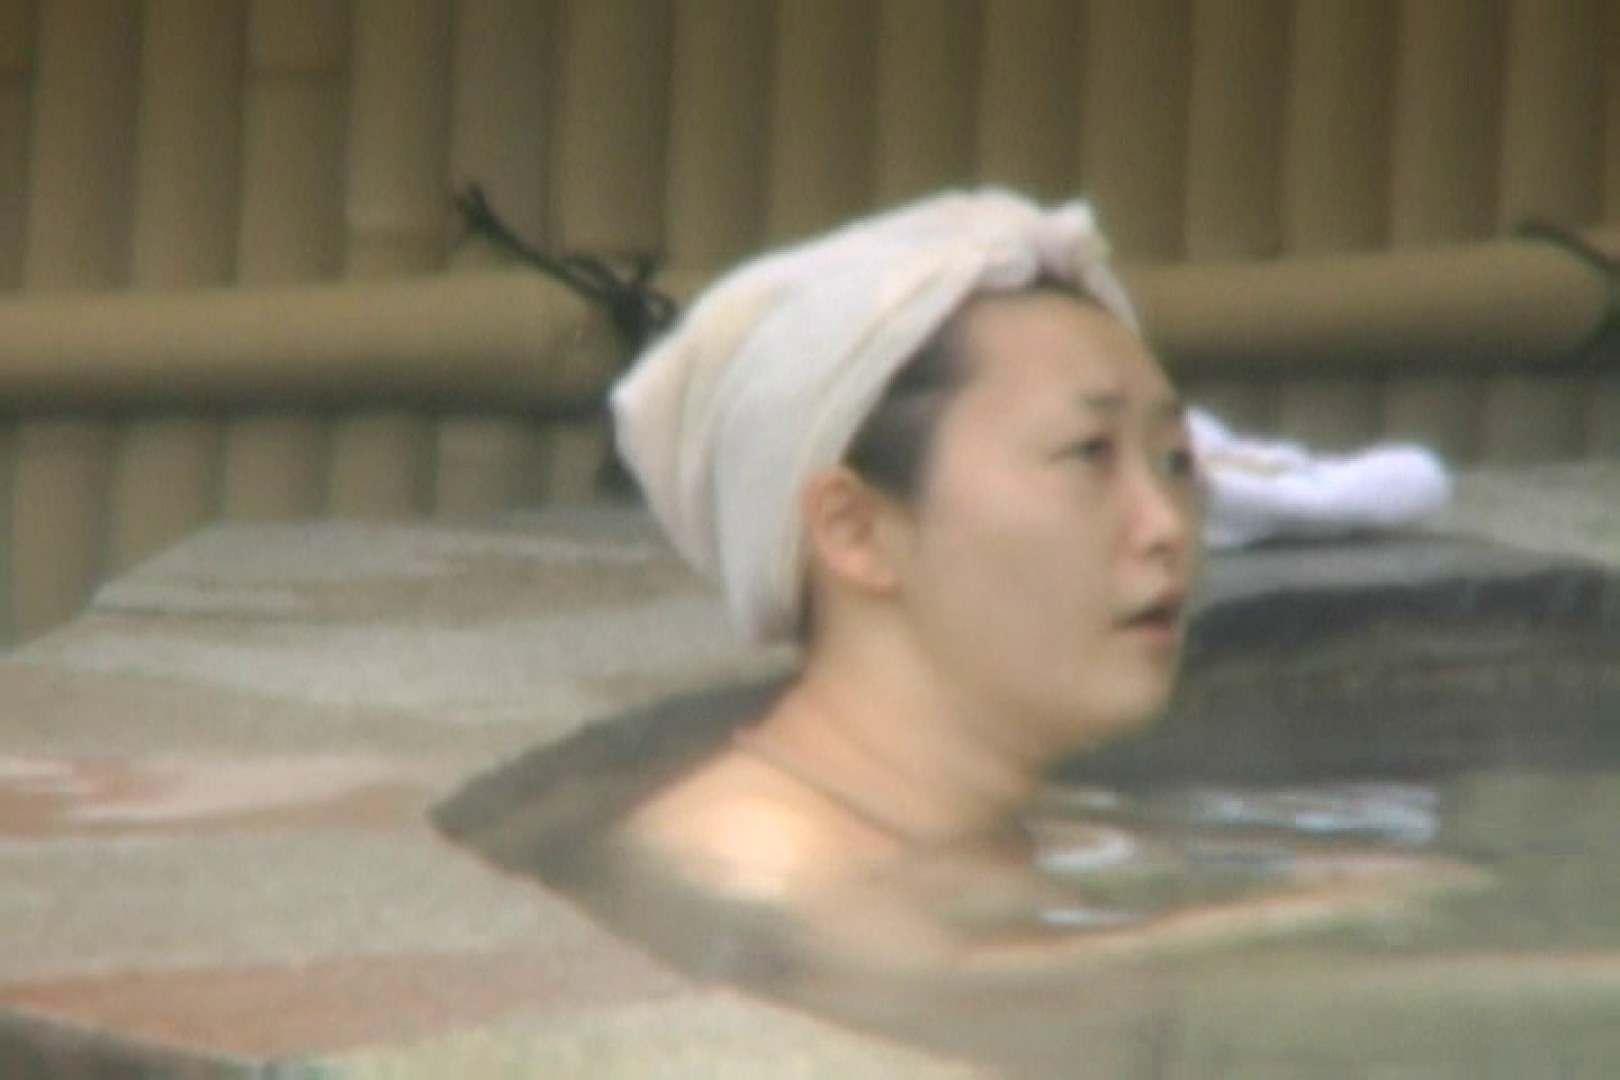 Aquaな露天風呂Vol.564 盗撮  98枚 45